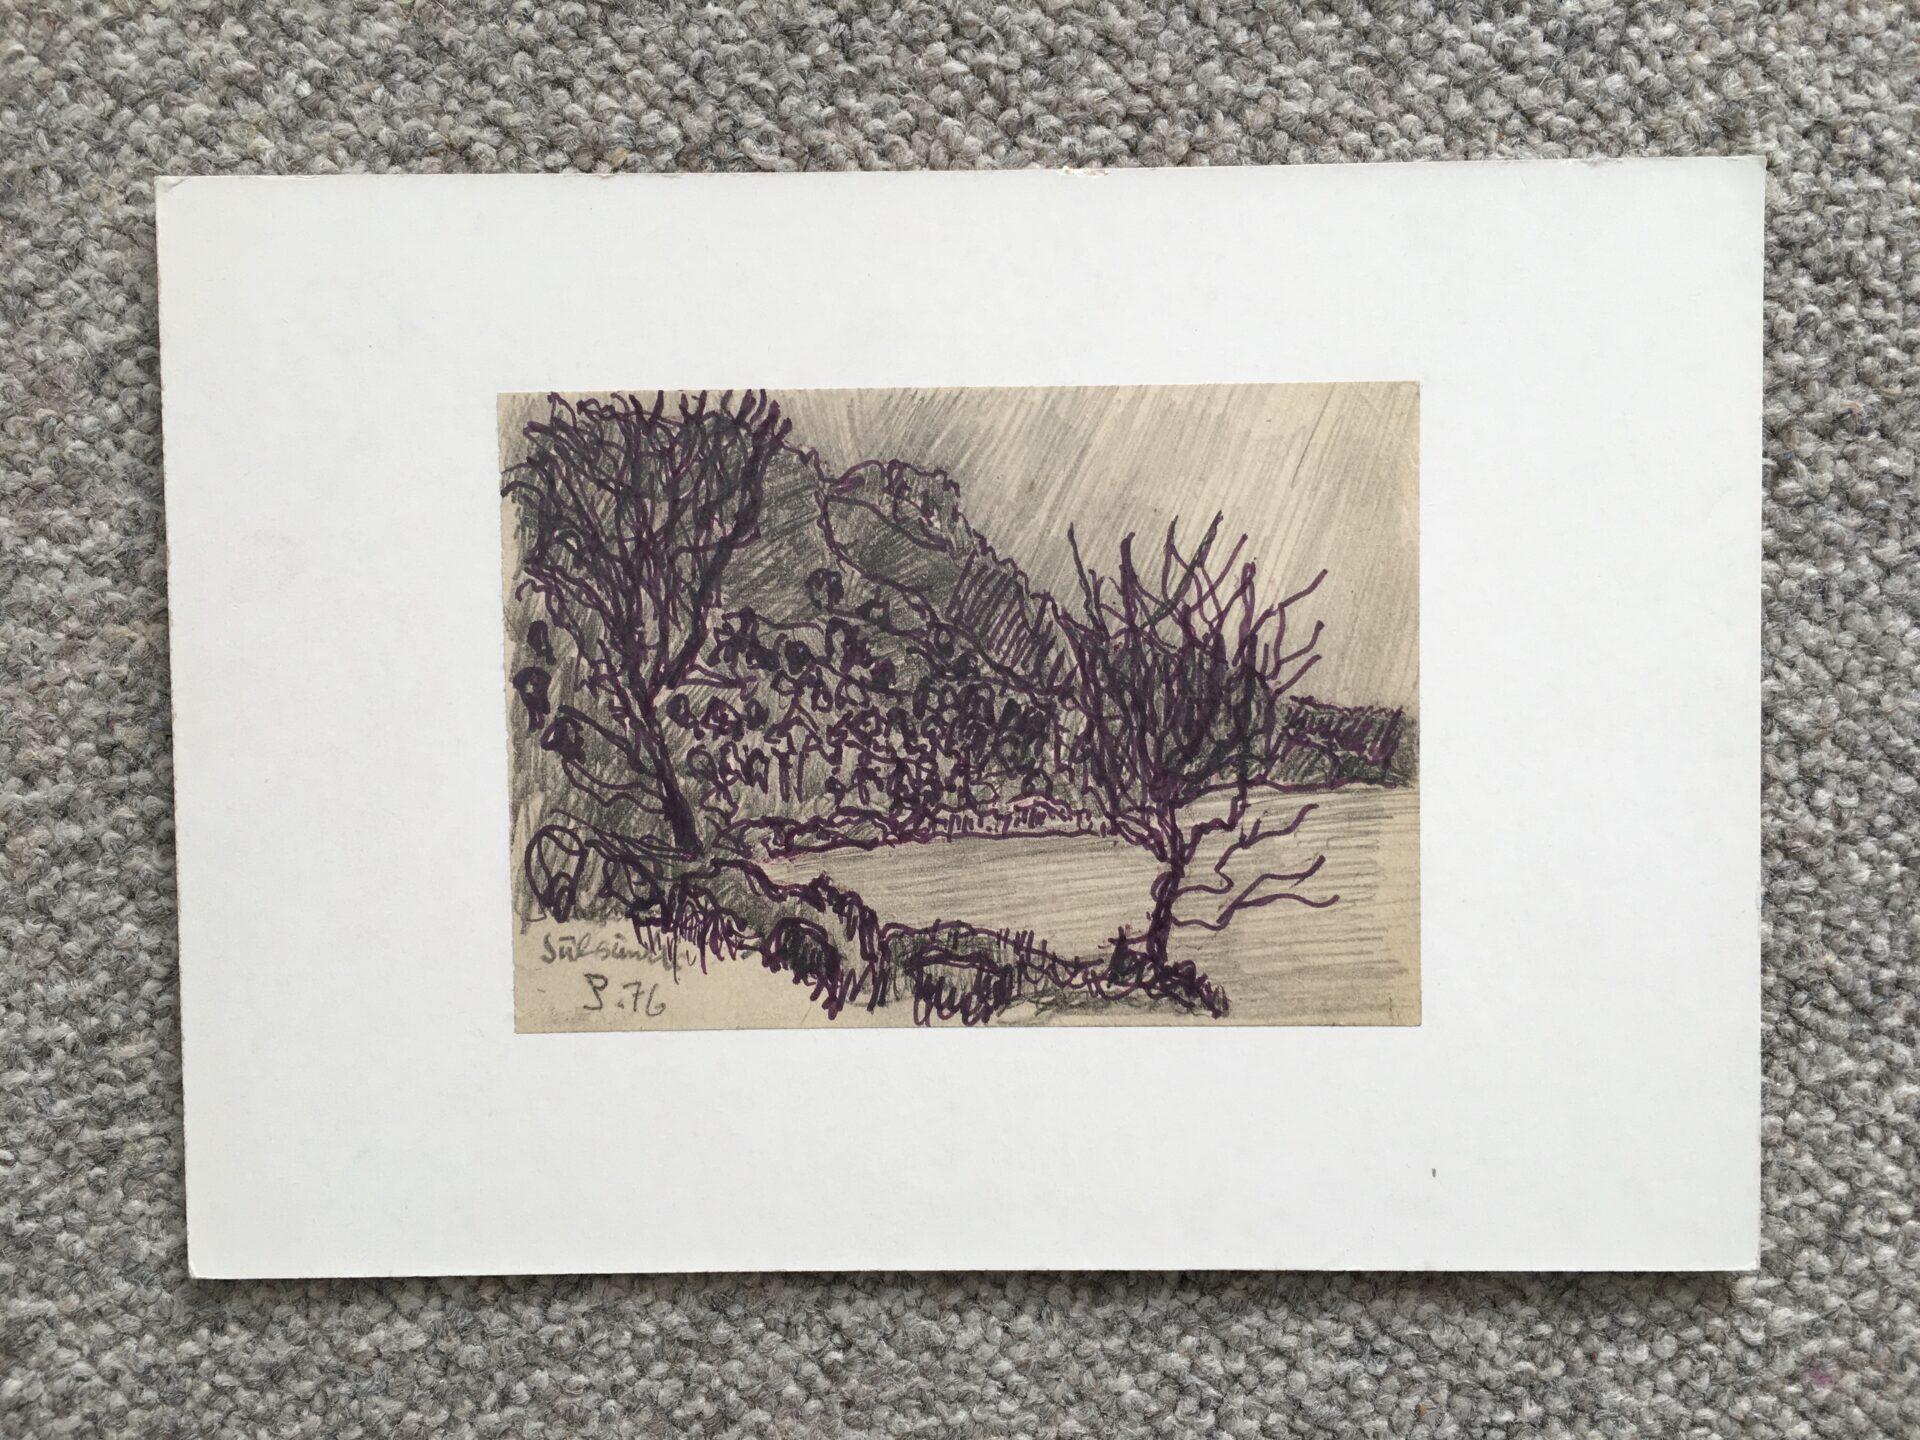 Tegning sign. Per Jölting 76, monteret på pap (26x18 cm), moti fra Julsundet, Norge. Pris 300kr